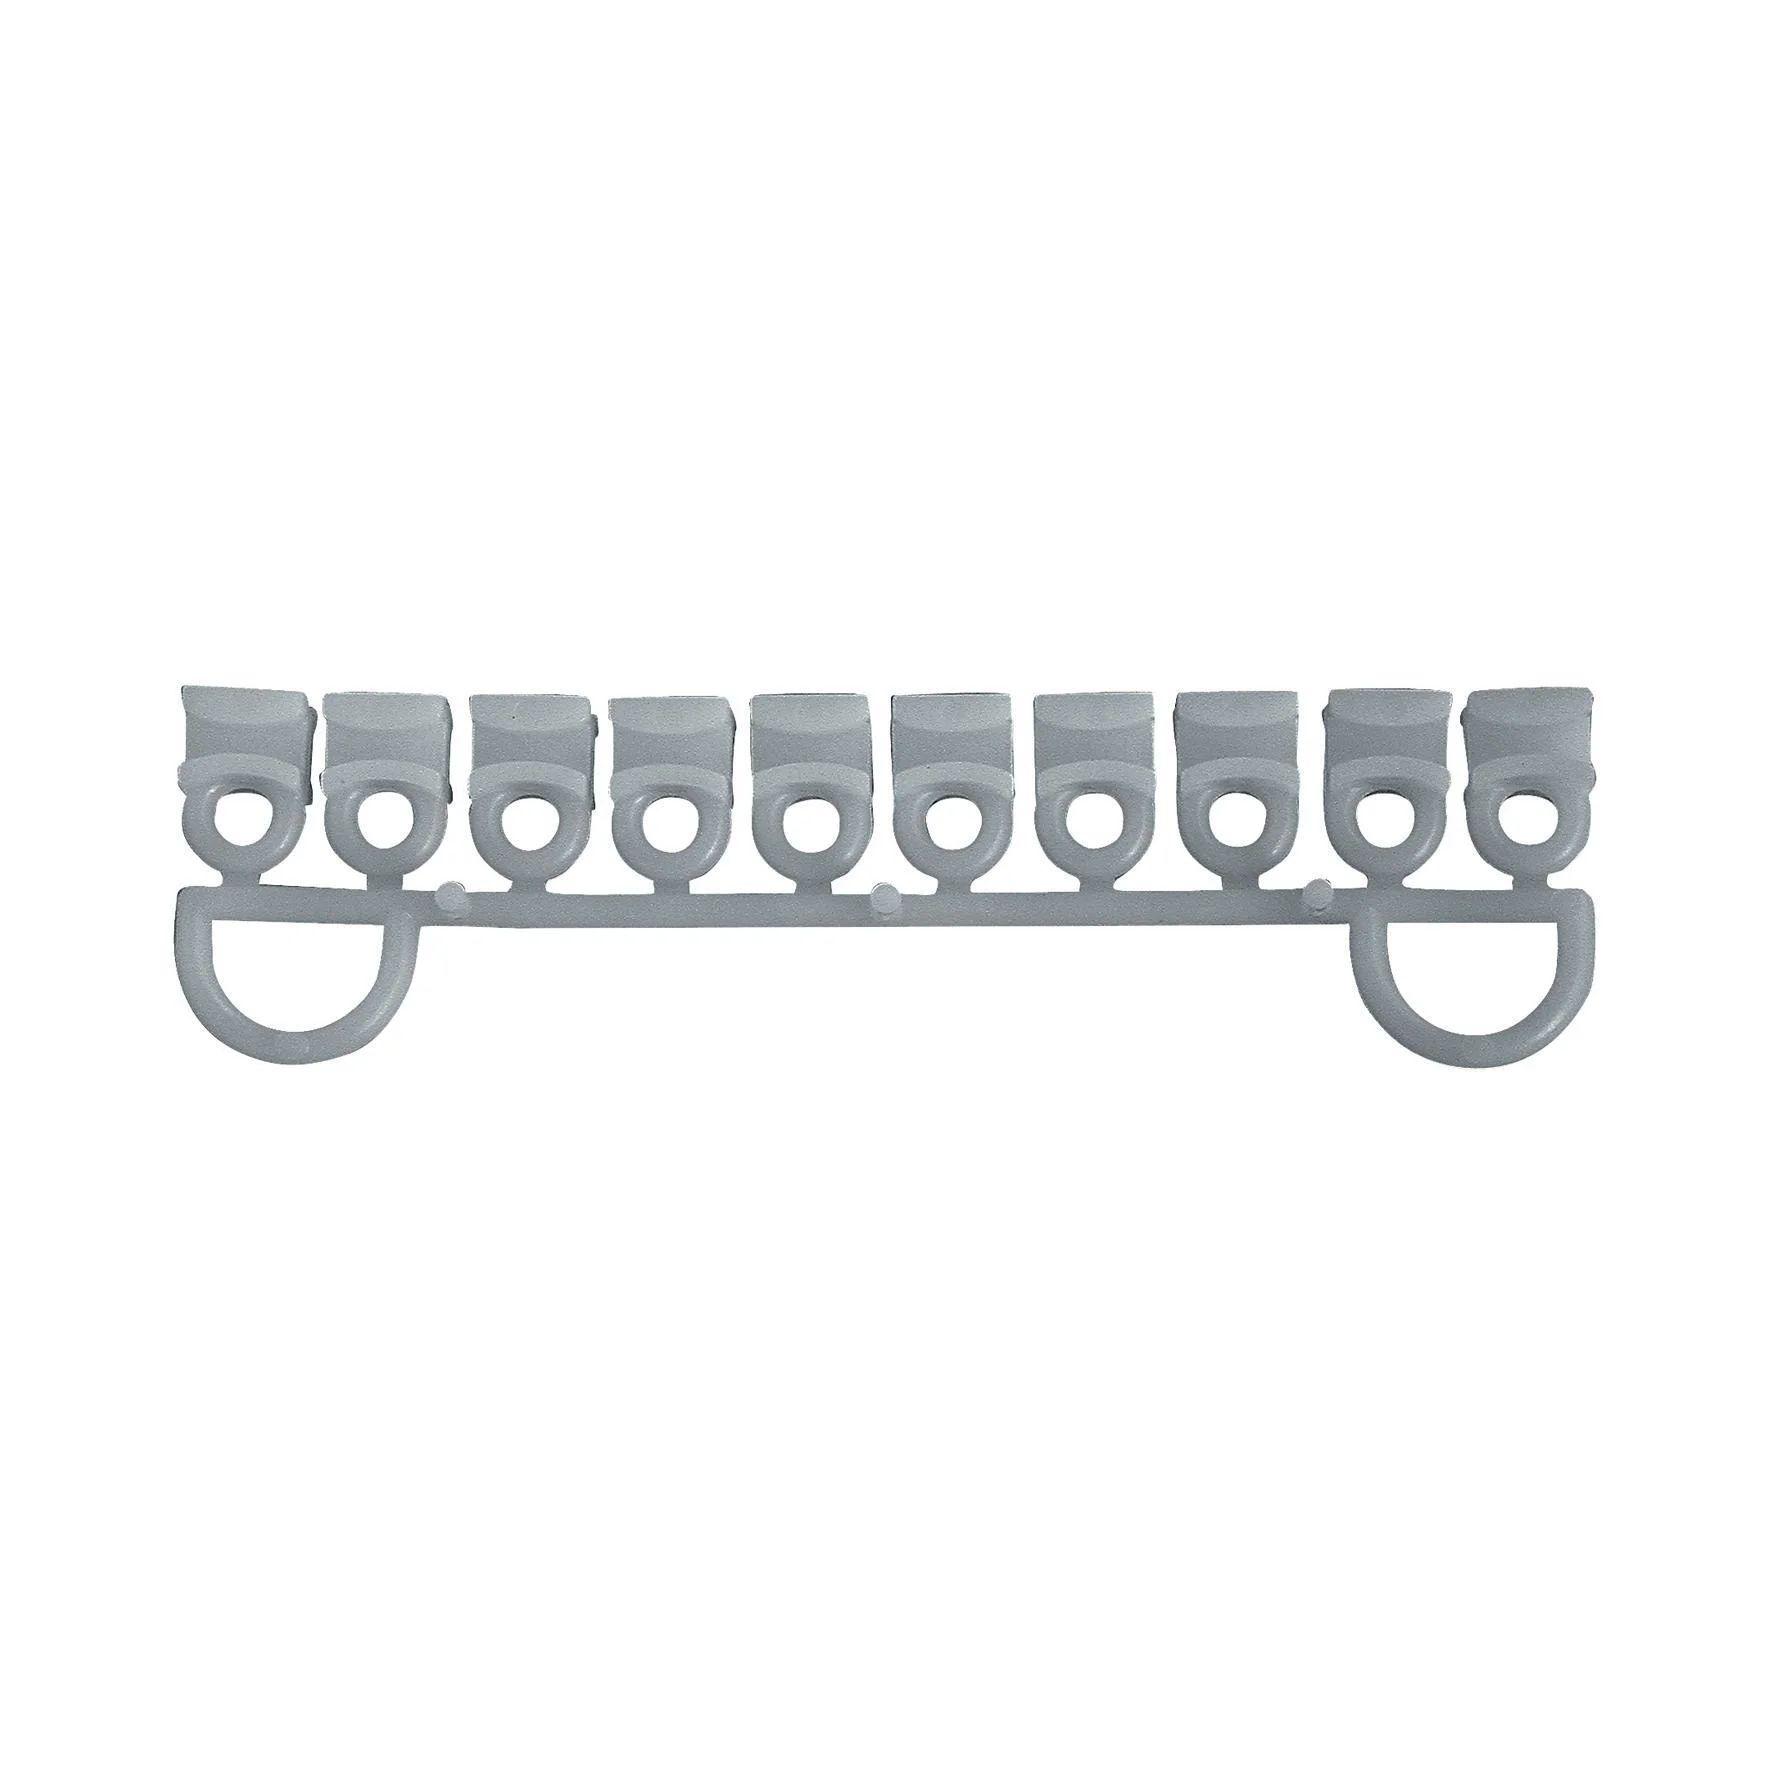 Pannello reticolare diritto 45x180 cm, quadrati 4 cm. Cursori Per Binario In Plastica Bianco 10 Pezzi Leroy Merlin